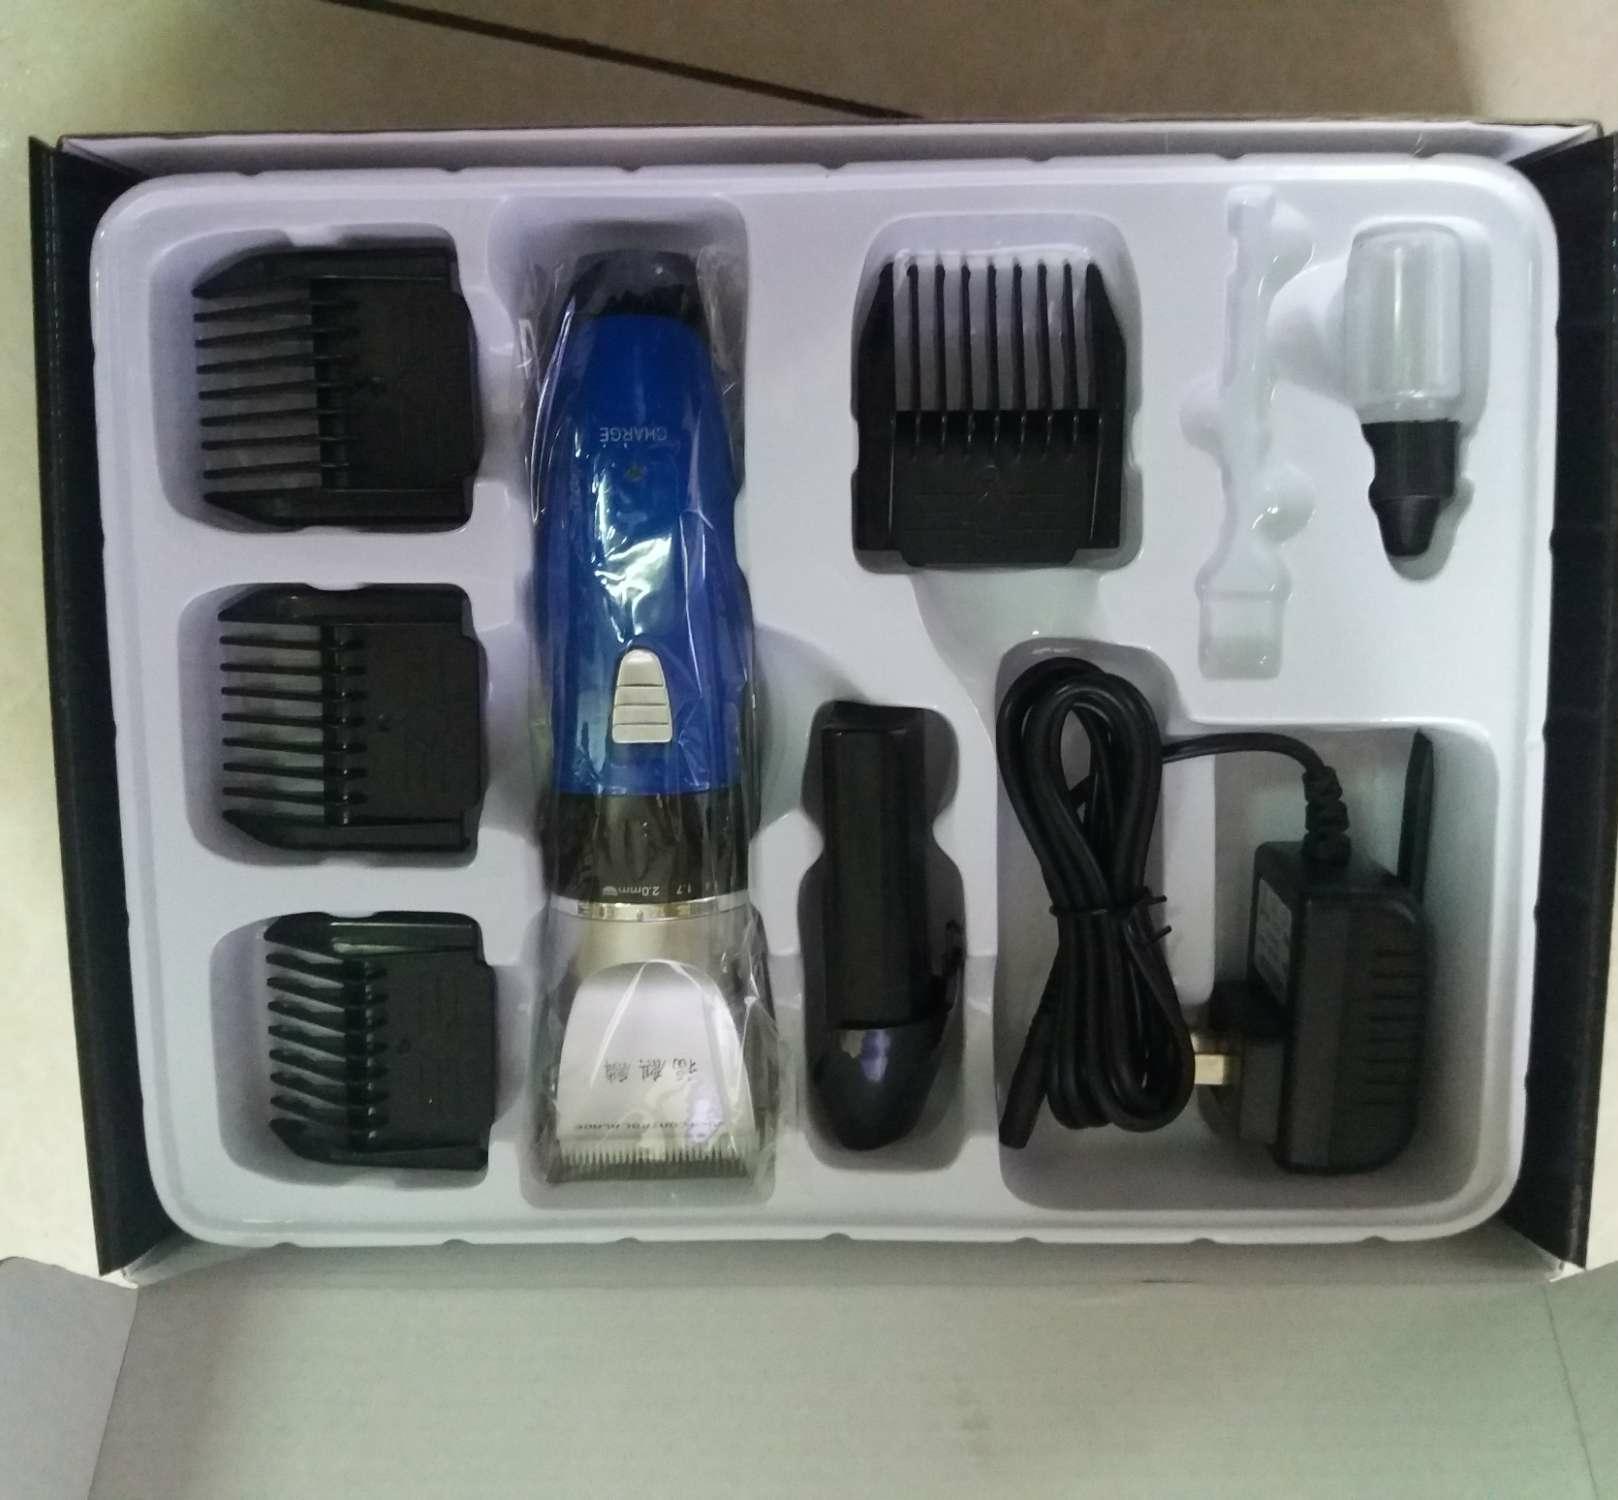 [TDCTBES8800] Tông đơ cắt tóc BES 8800, lưỡi dao kép, cắm điện trực tiếp hoặc dùng pin sạc cao cấp